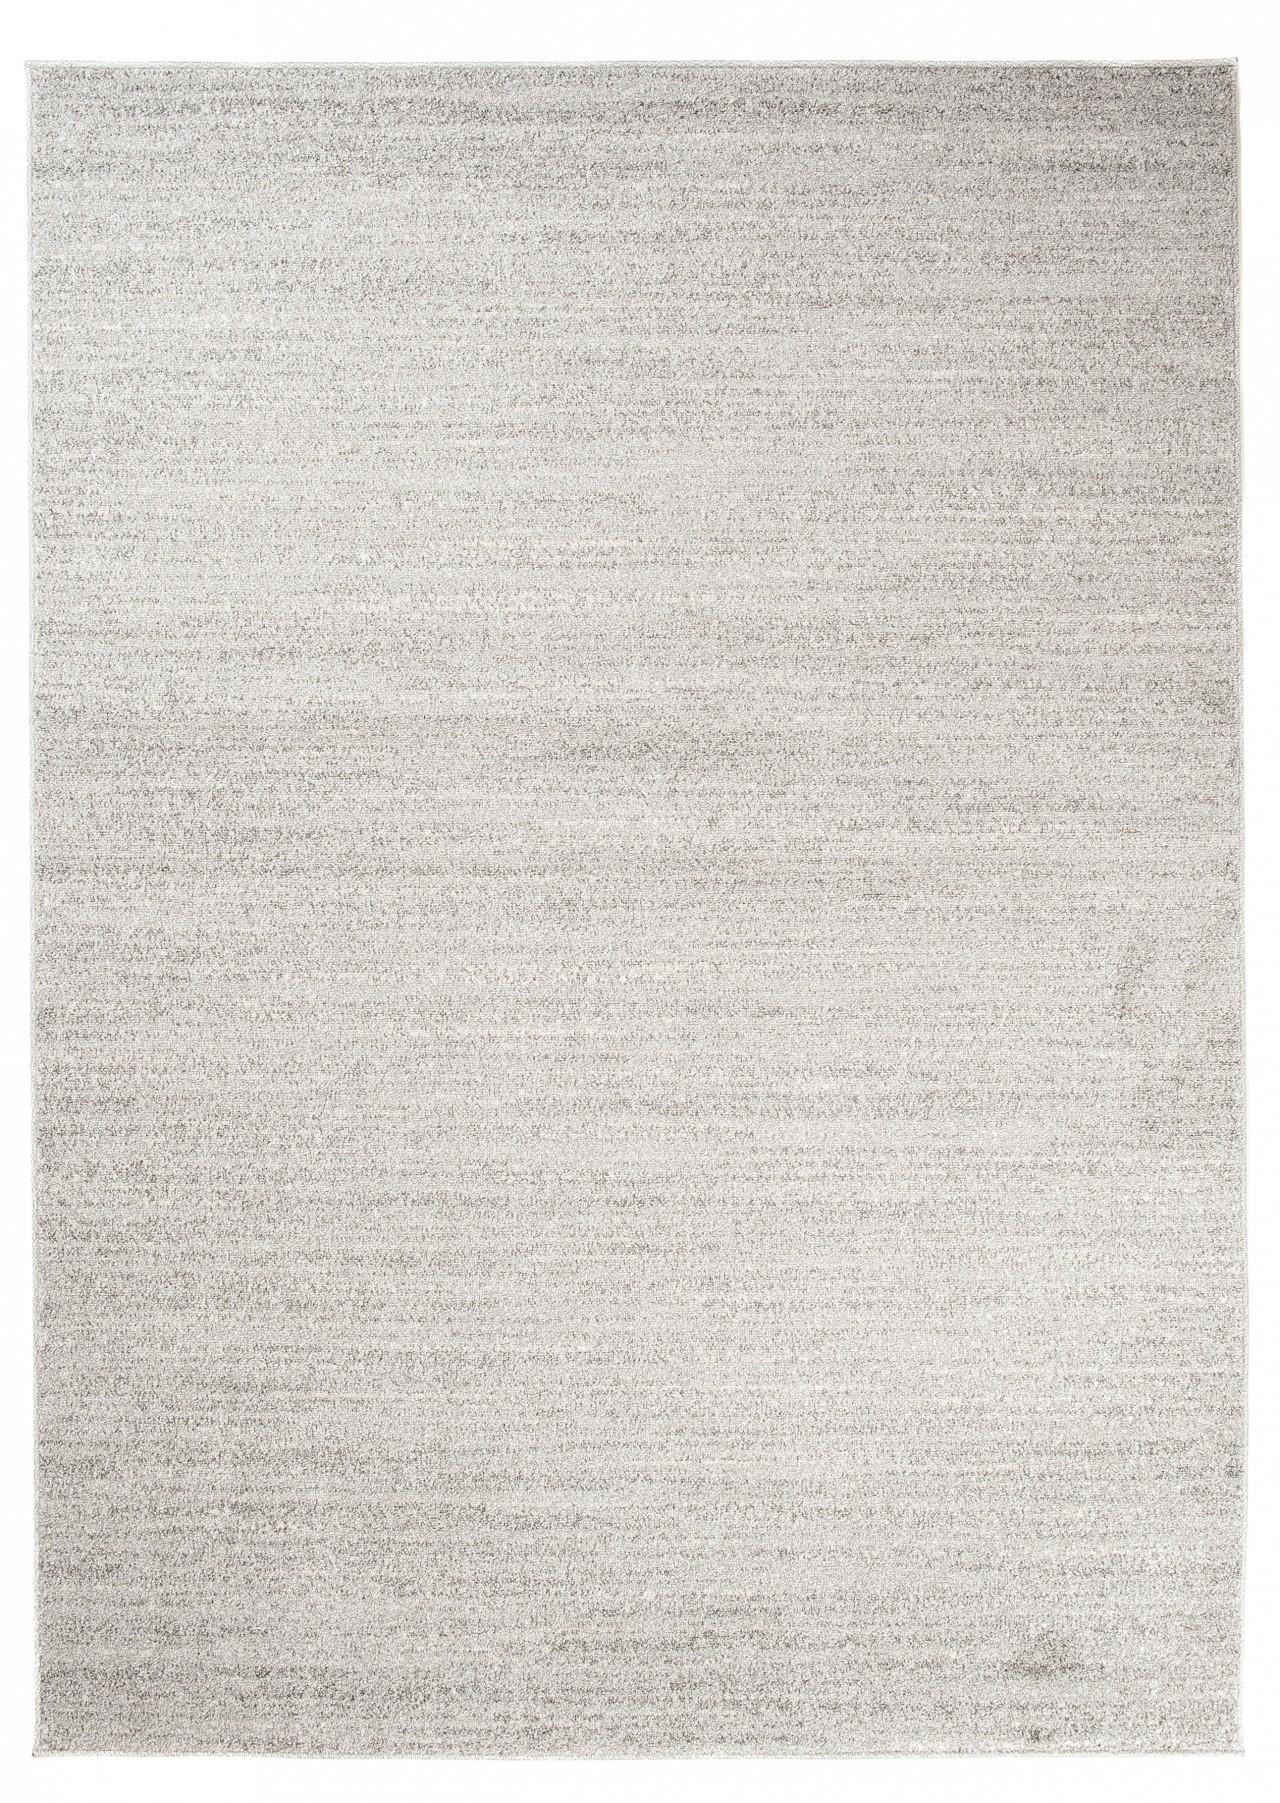 Wohnzimmer esszimmer grau beige trendy wohnzimmer - Teppich fur esszimmer ...